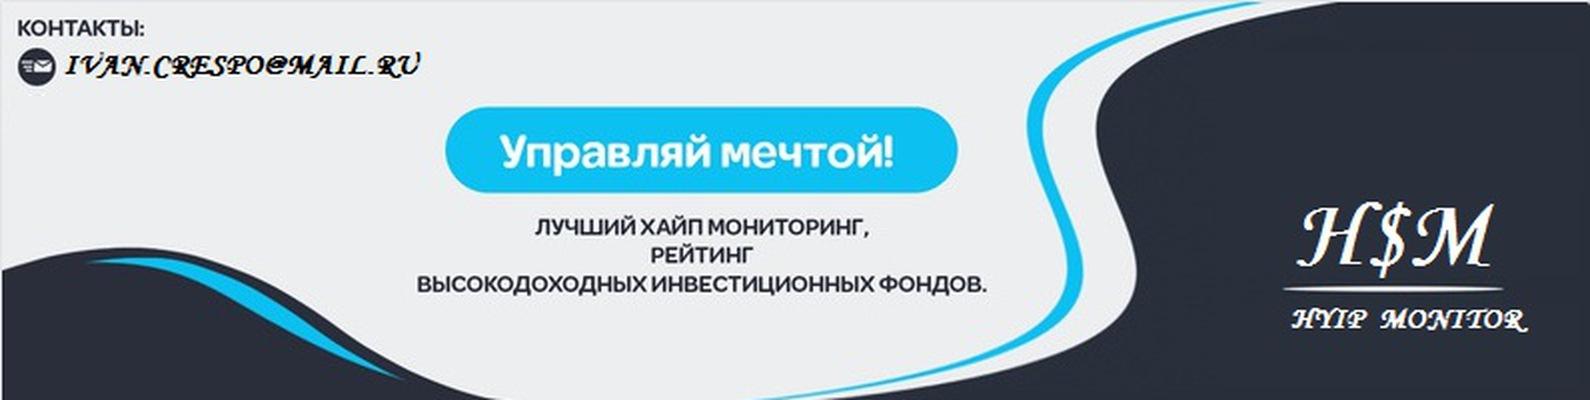 Hyip монитор минск